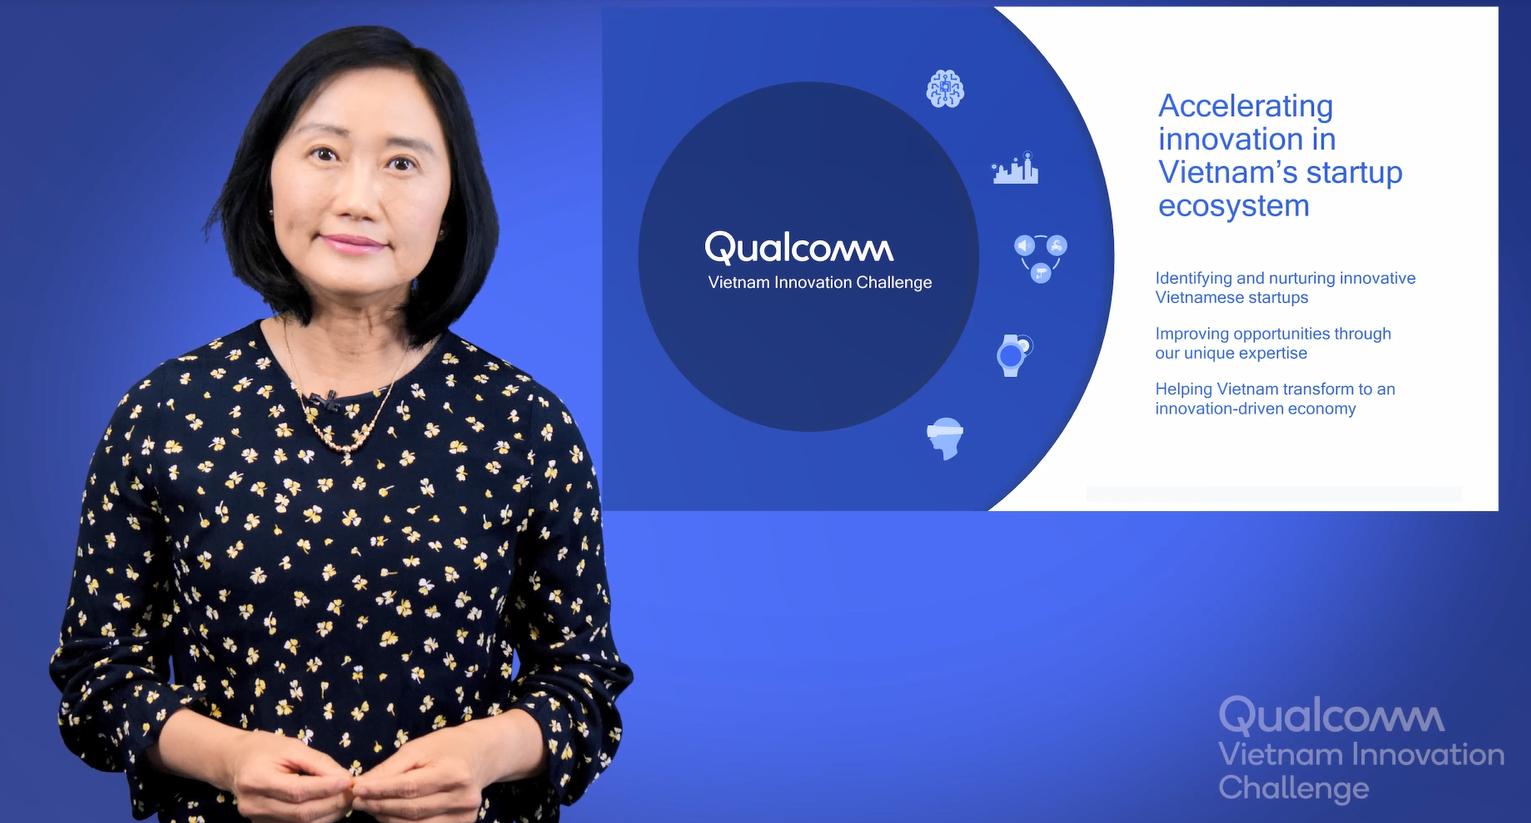 TS. Trần Mỹ An, Phó chủ tịch công nghệ Qualcomm chia sẻ điểm nổi bật của QVIC về sở hữu trí tuệ. Ảnh: Qualcomm.